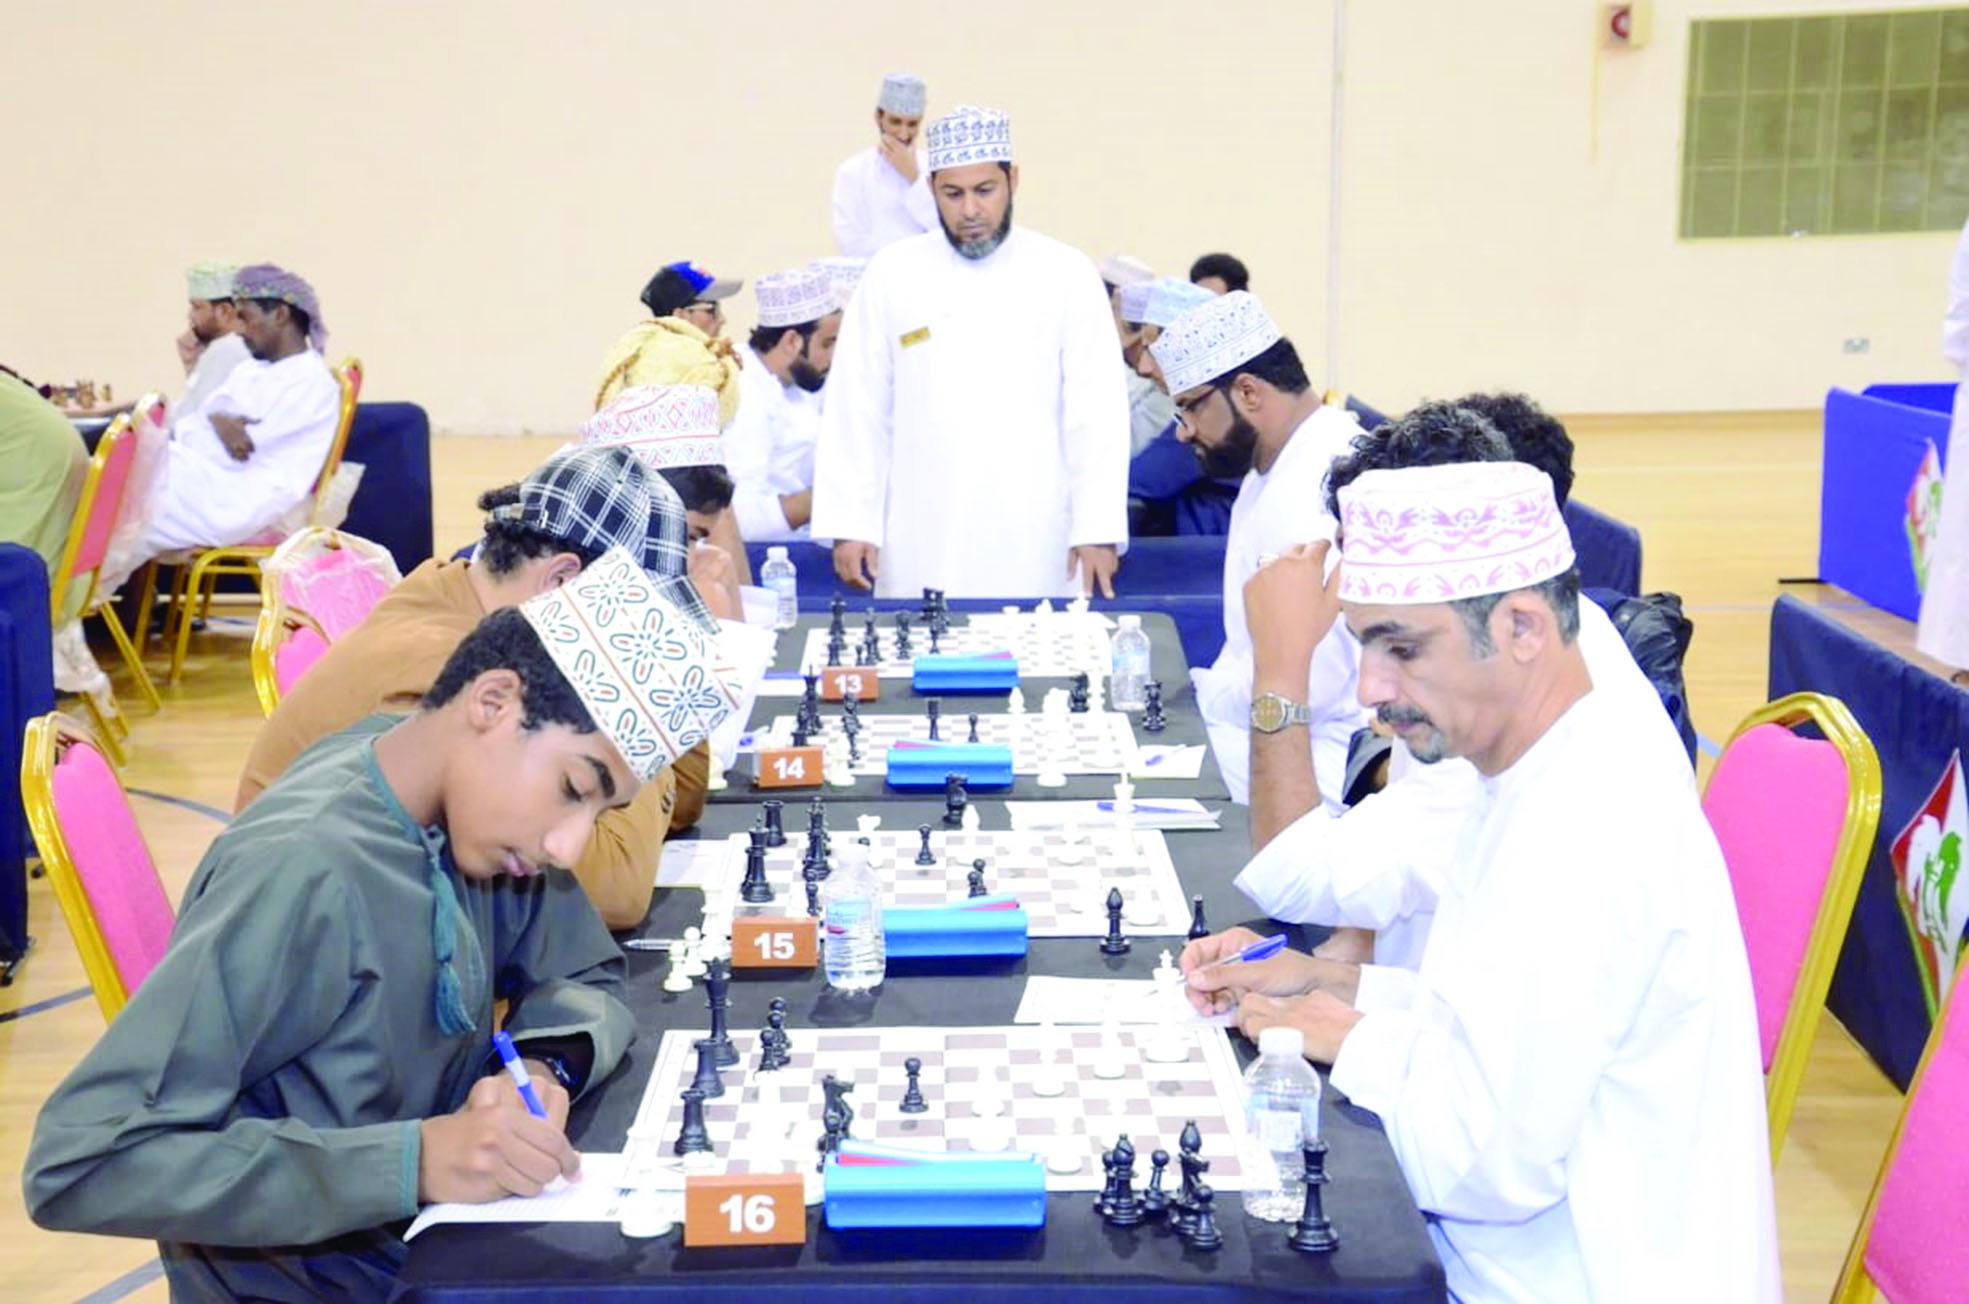 المعشني يتوج بلقب بطولة المنتخب للشطرنج بدون خسارة